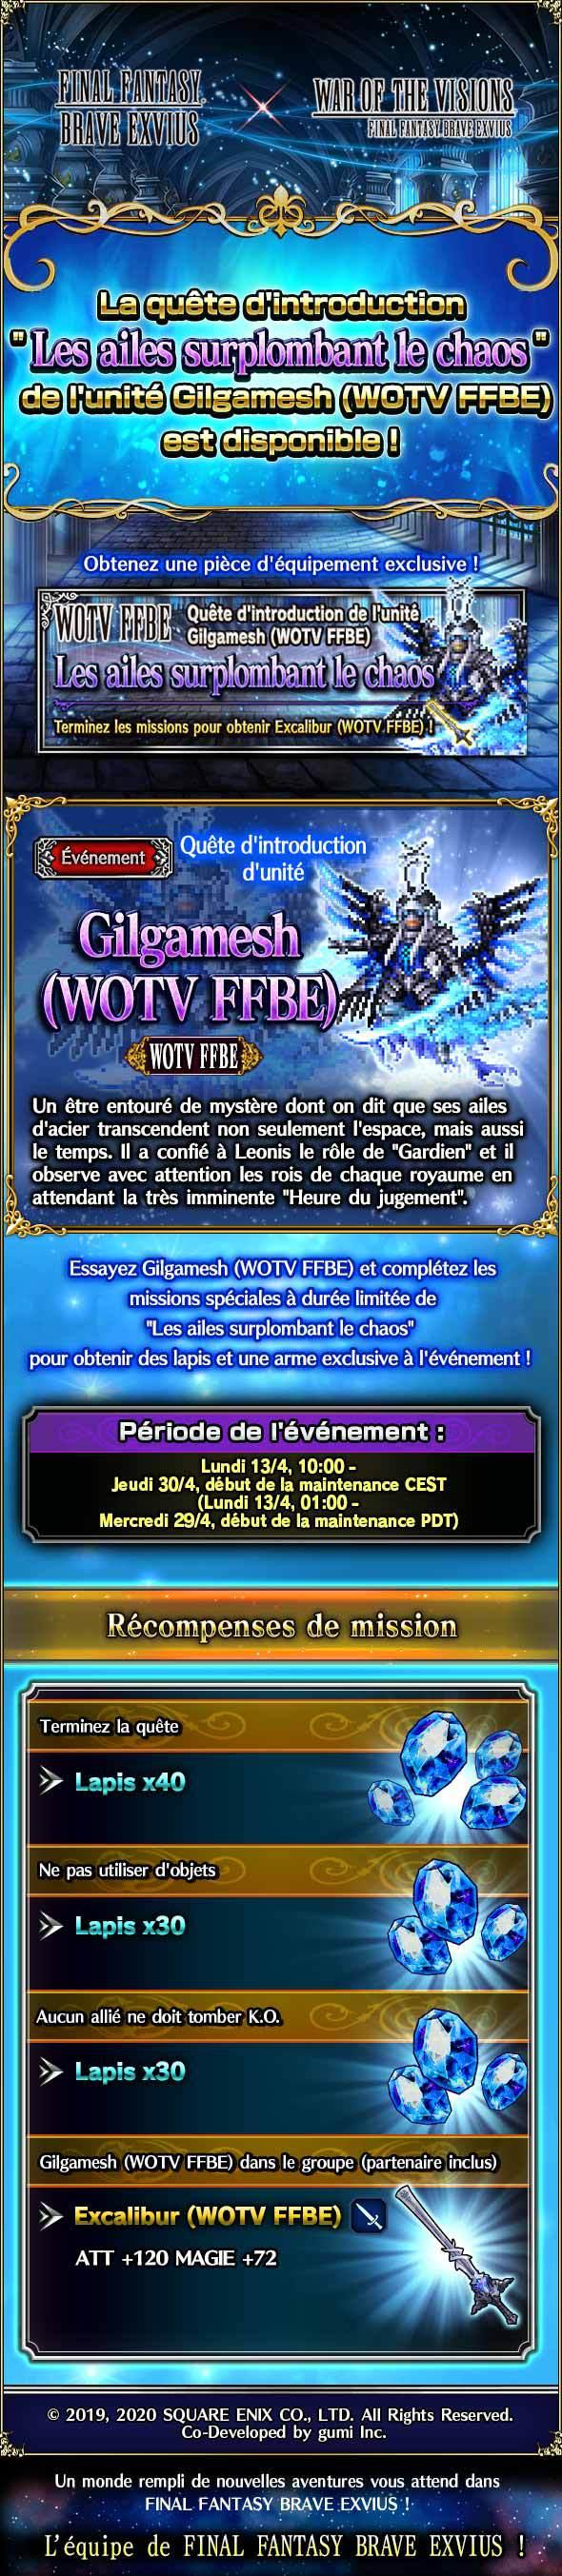 Évenement - Quête d'introduction d'unité - Gilgamesh (WotV FFBE) - du 16/04 au 30/04/20 20200407WOTVFFBEGilgameshIntroQuest